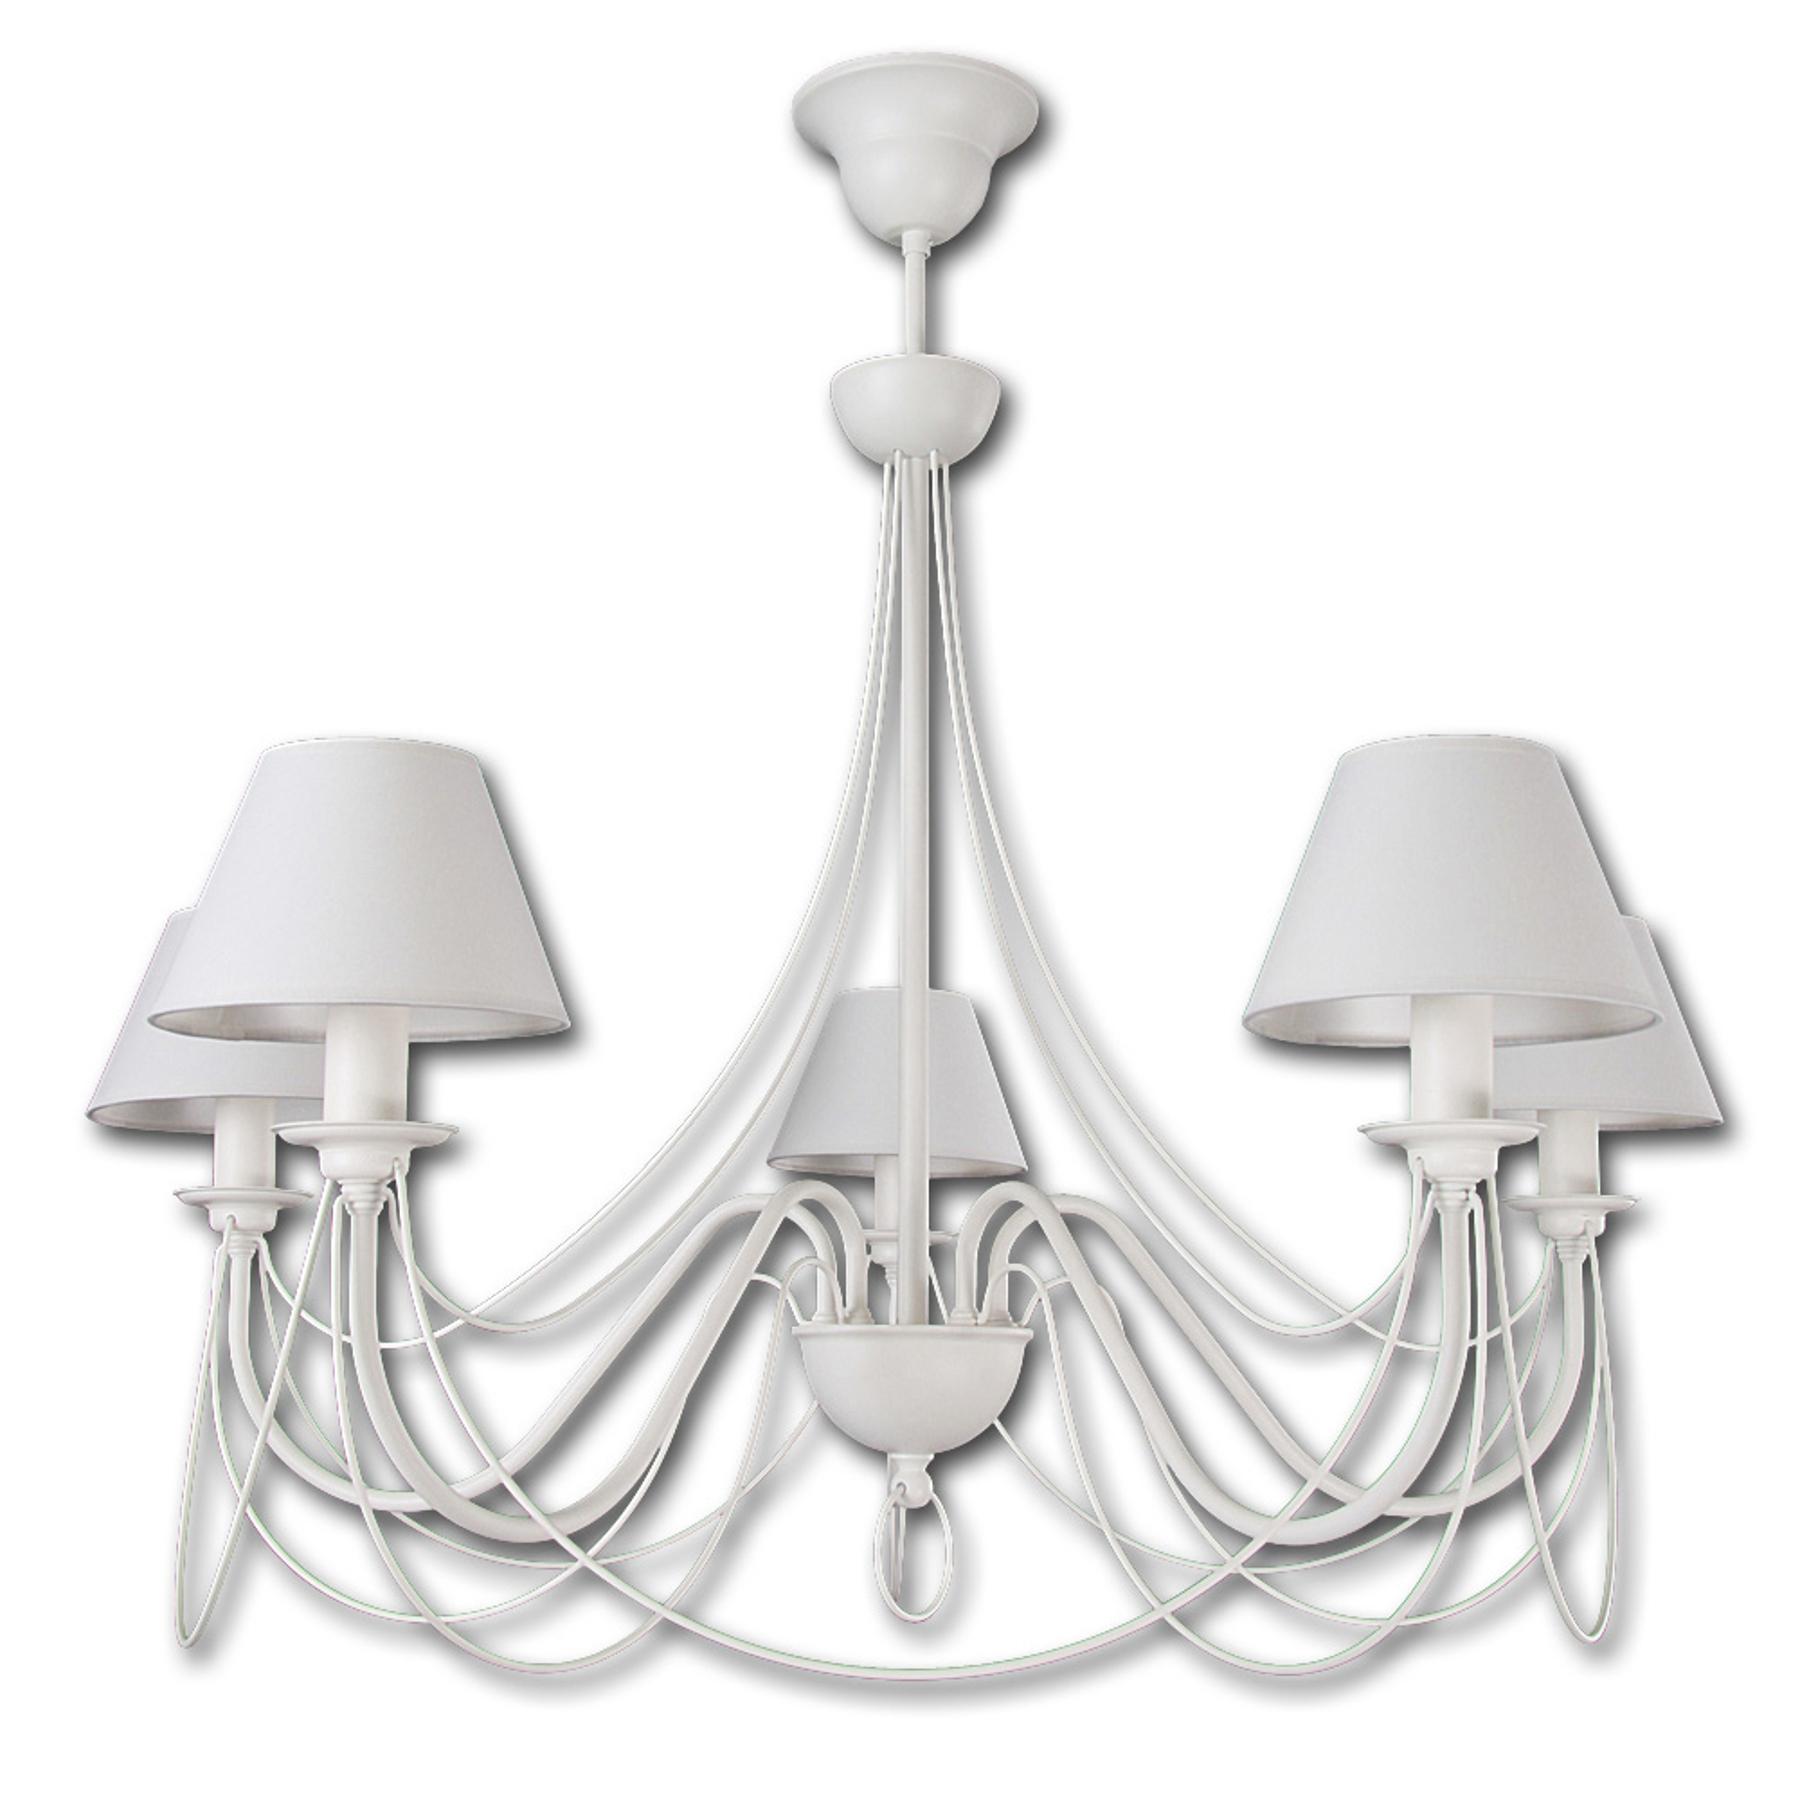 Kattokruunu Bona, 5-lamppuinen, valkoinen